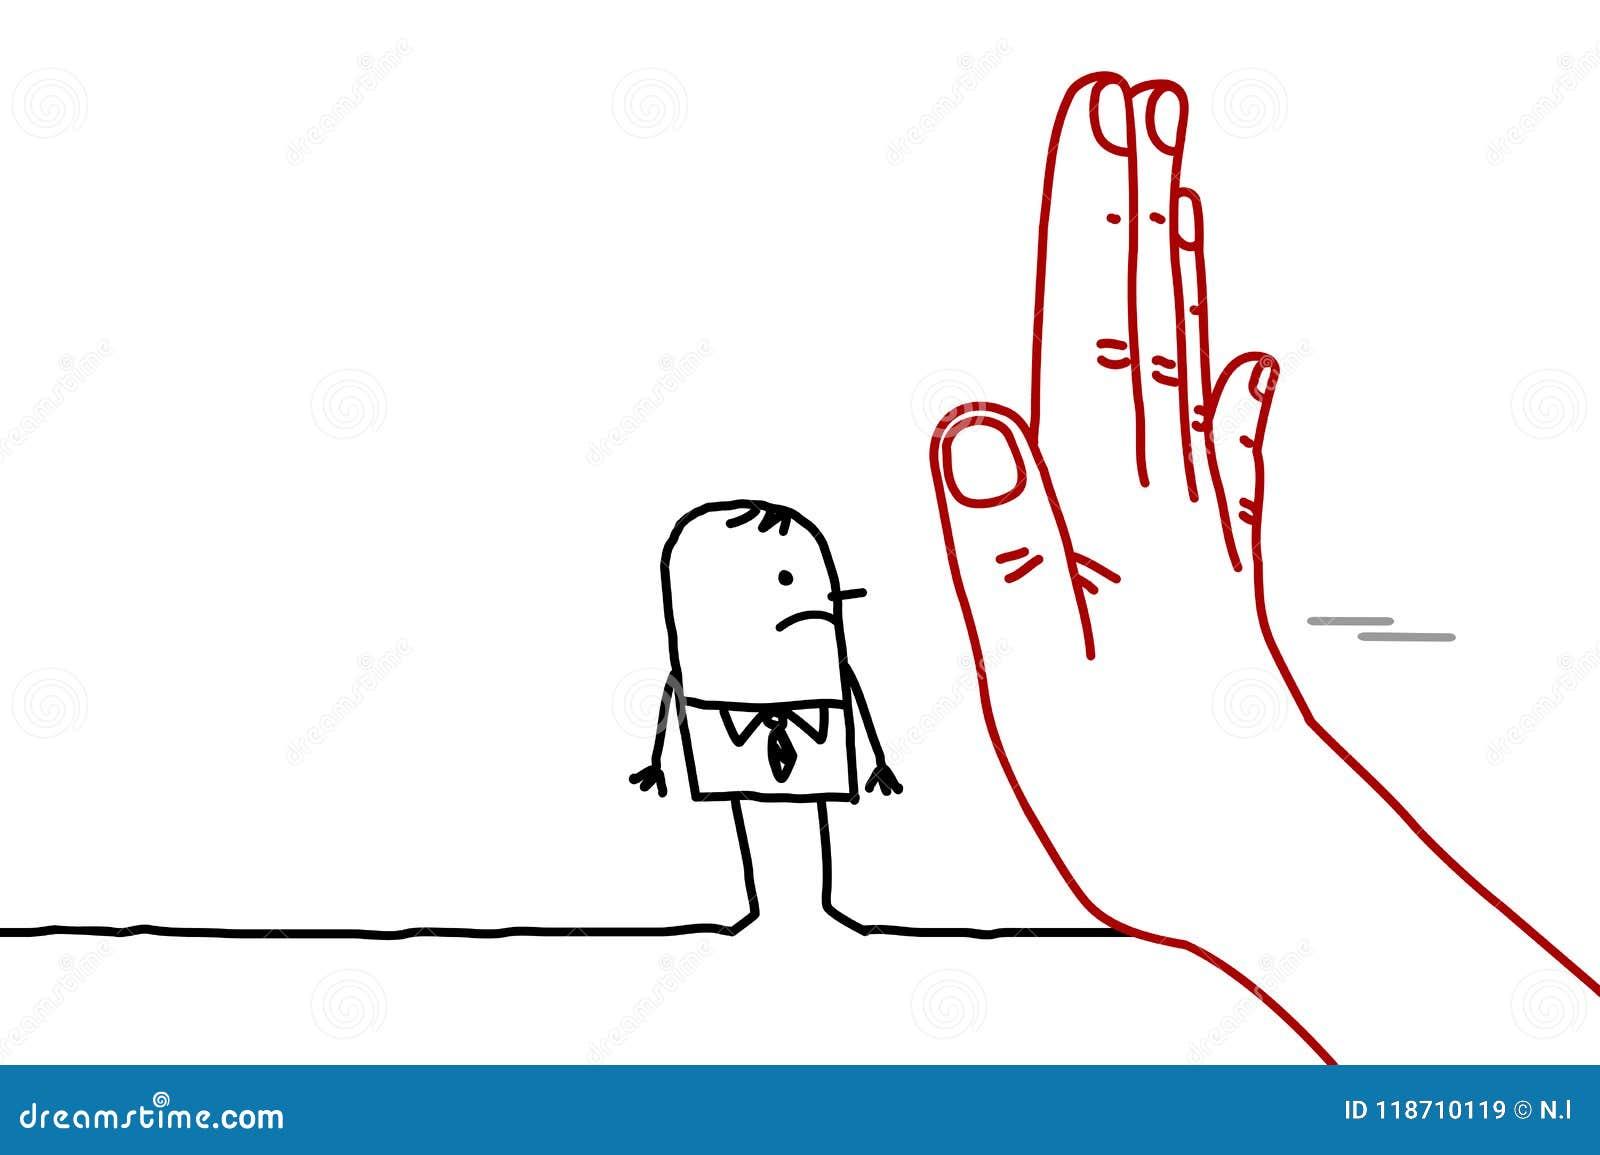 Grande main avec le personnage de dessin animé - arrêtez le signe faisant face à un homme